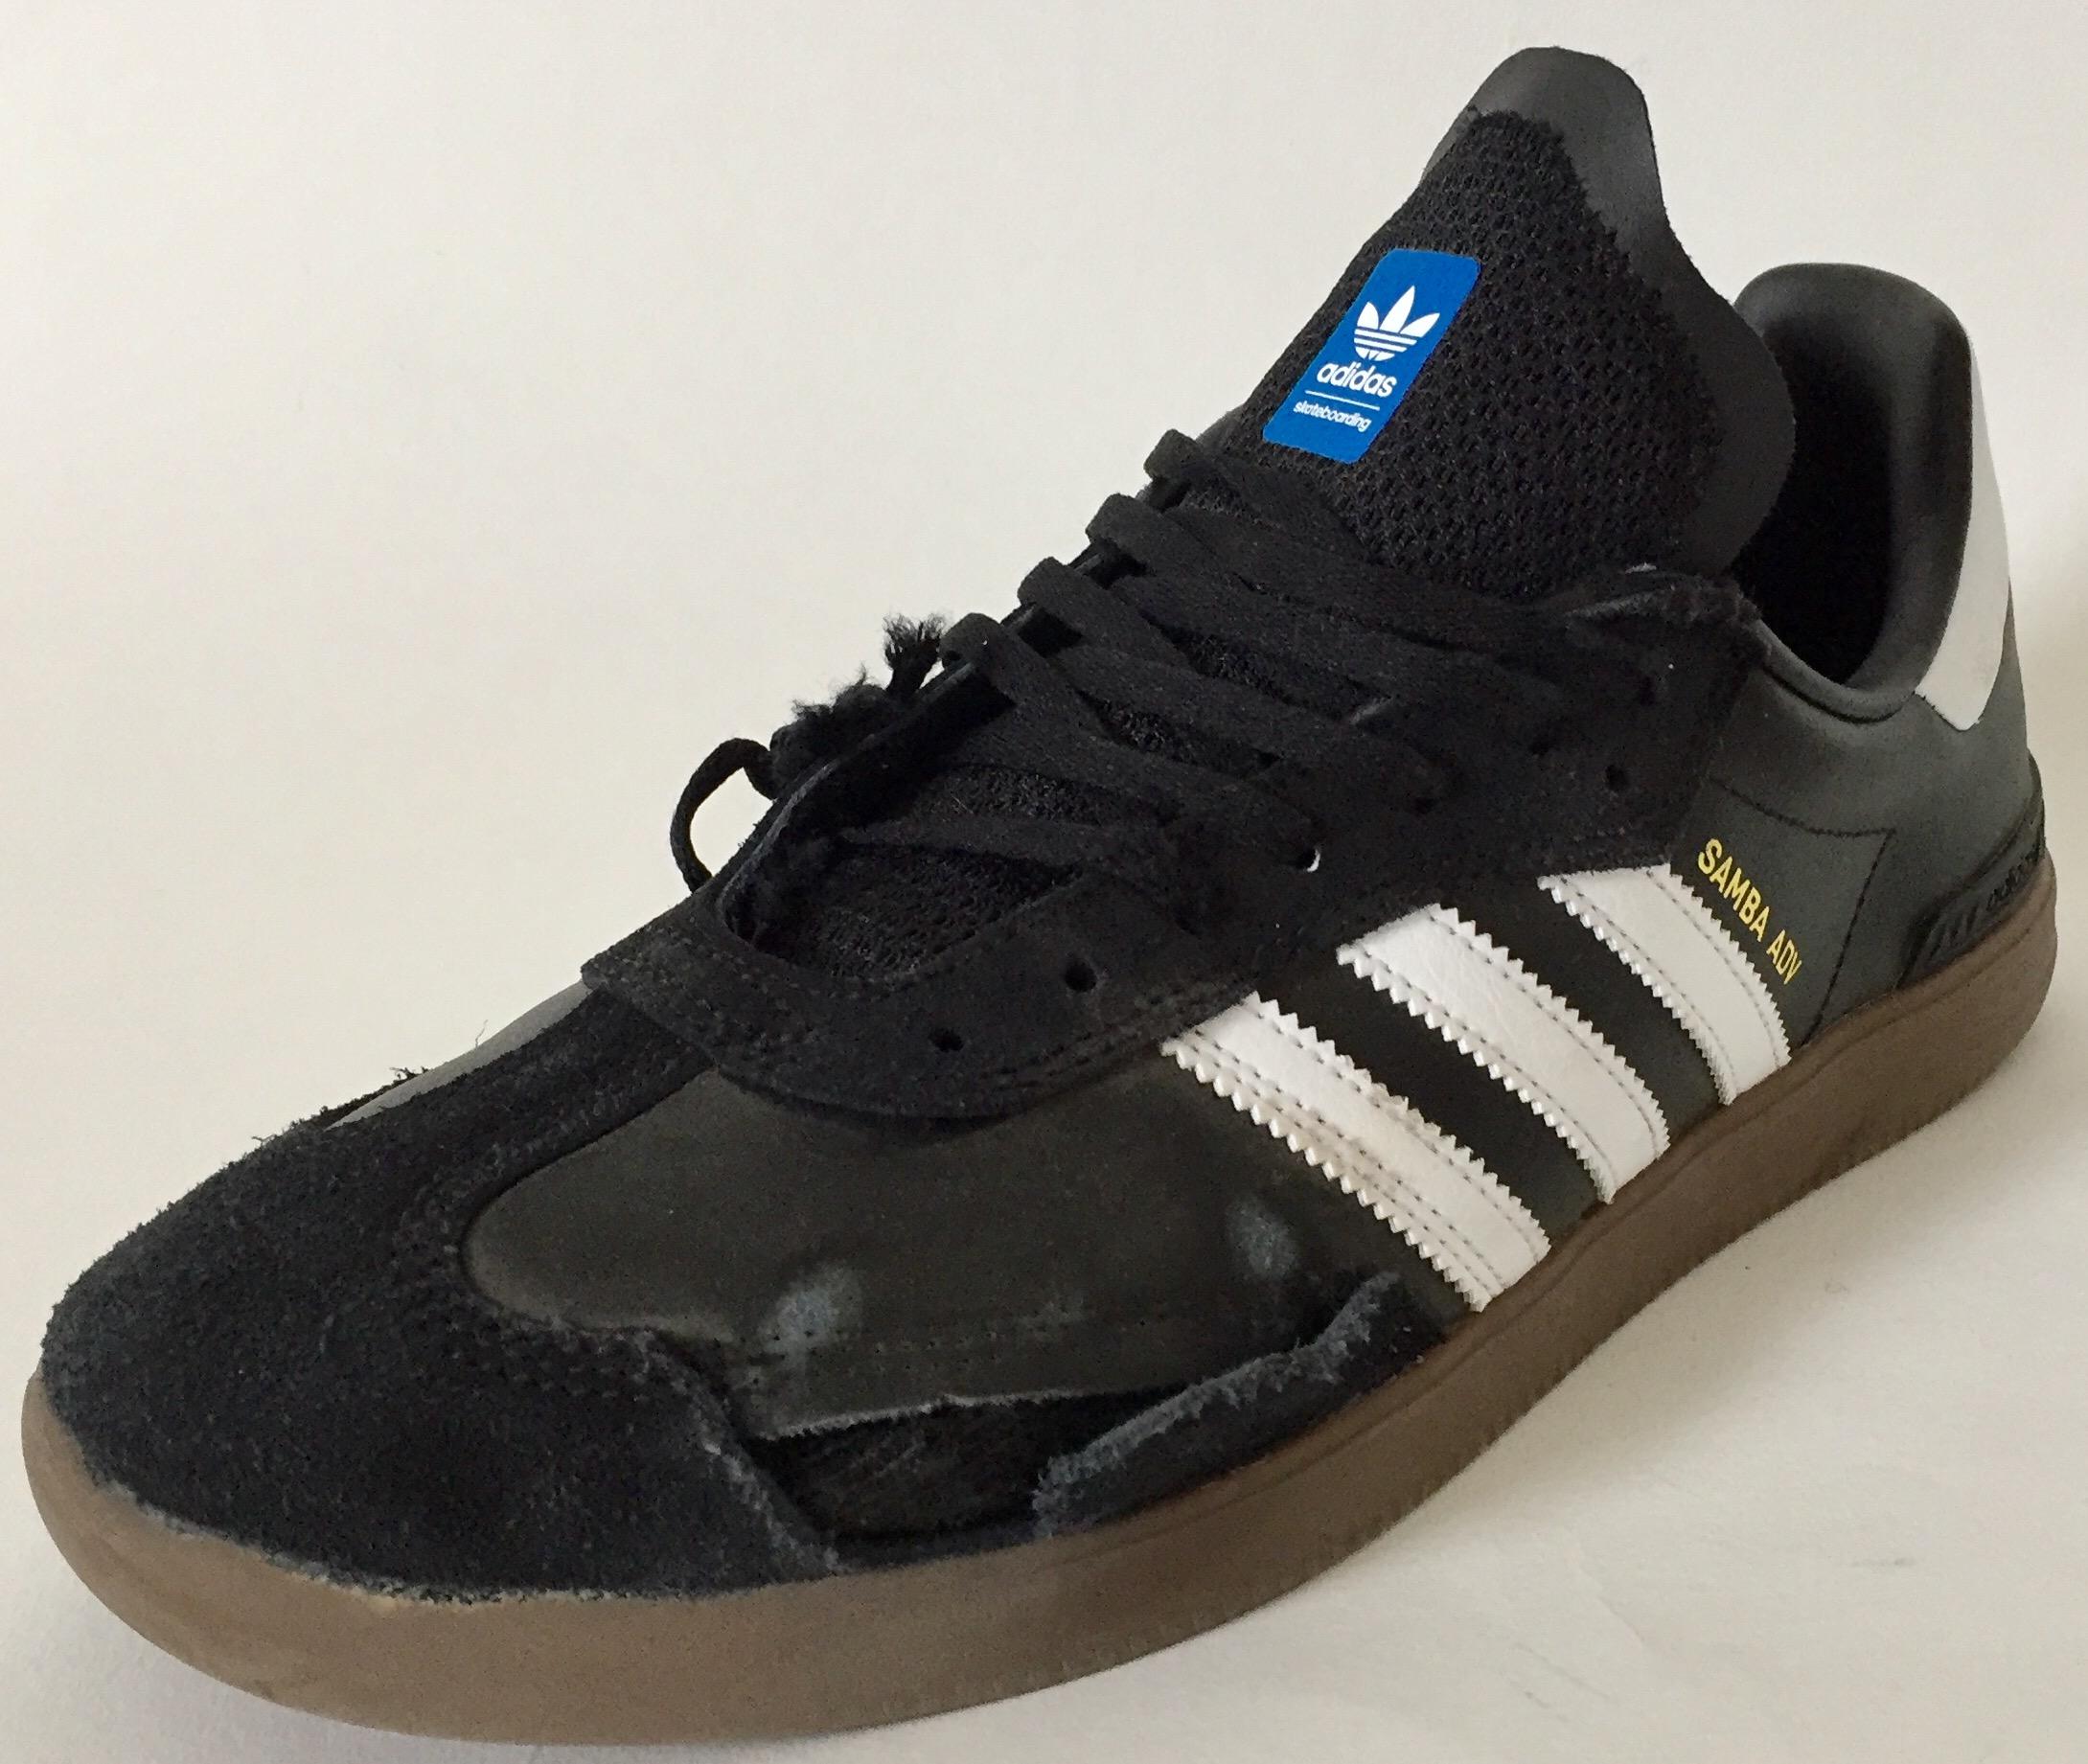 5e902c409d3 adidas Samba ADV - Weartested - detailed skate shoe reviews